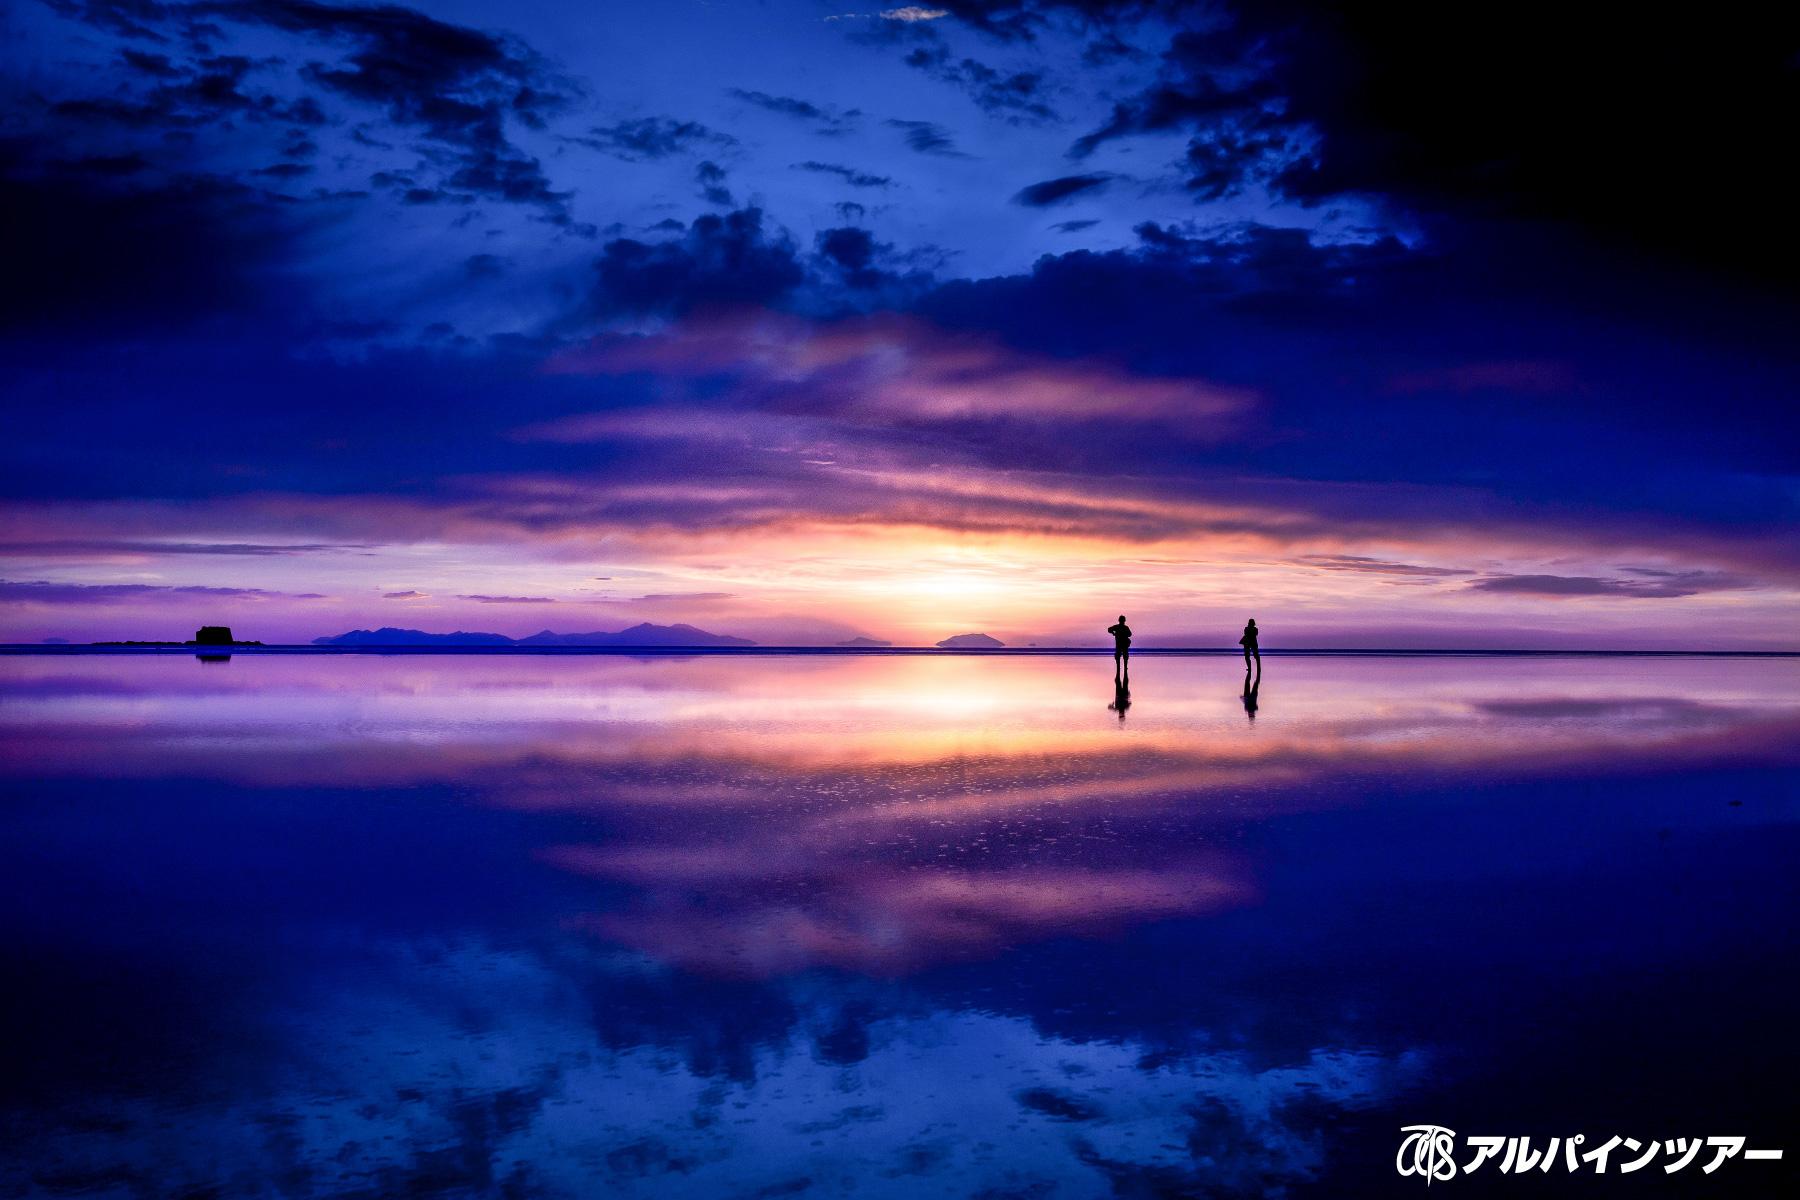 【今日の絶景】 雨季のウユニ塩湖に沈む夕陽